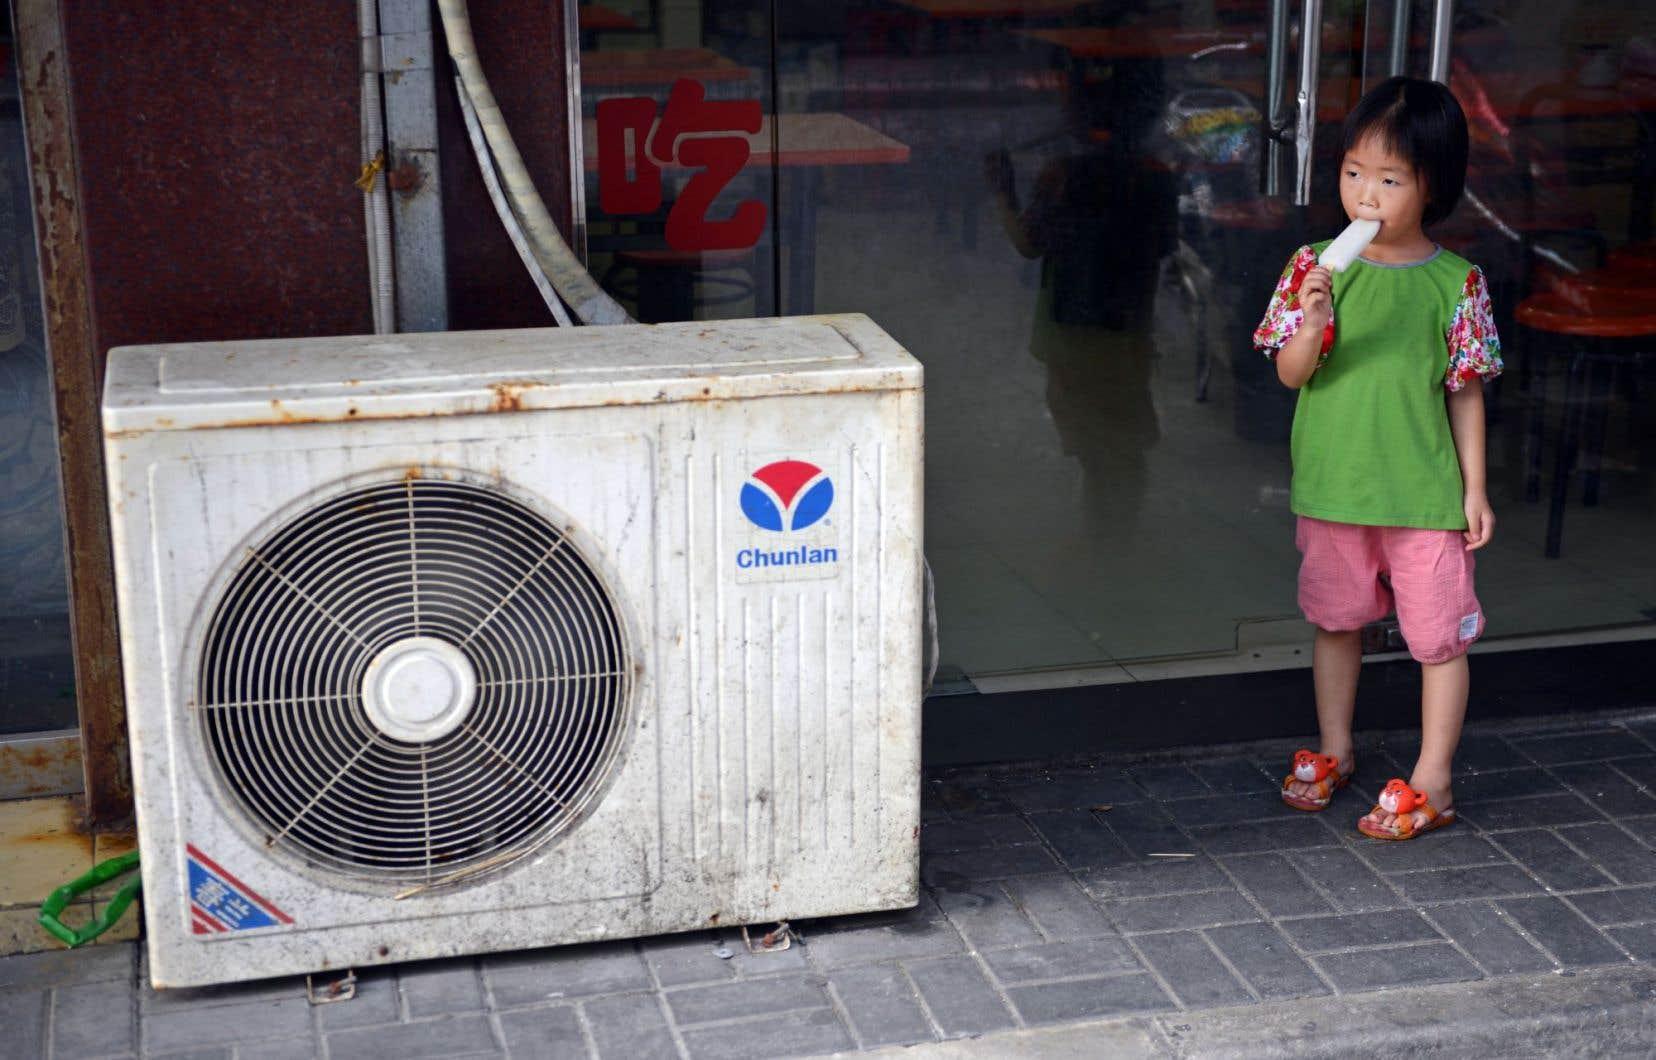 La hausse du niveau de vie dans les pays émergents, dont la Chine, entraîne la climatisation massive.